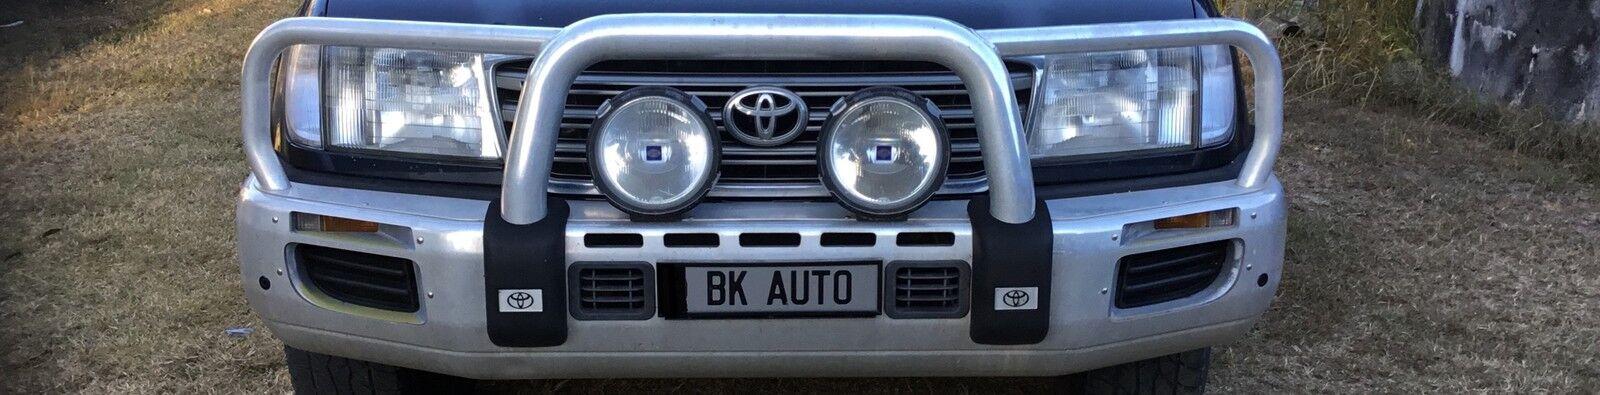 BKautoparts